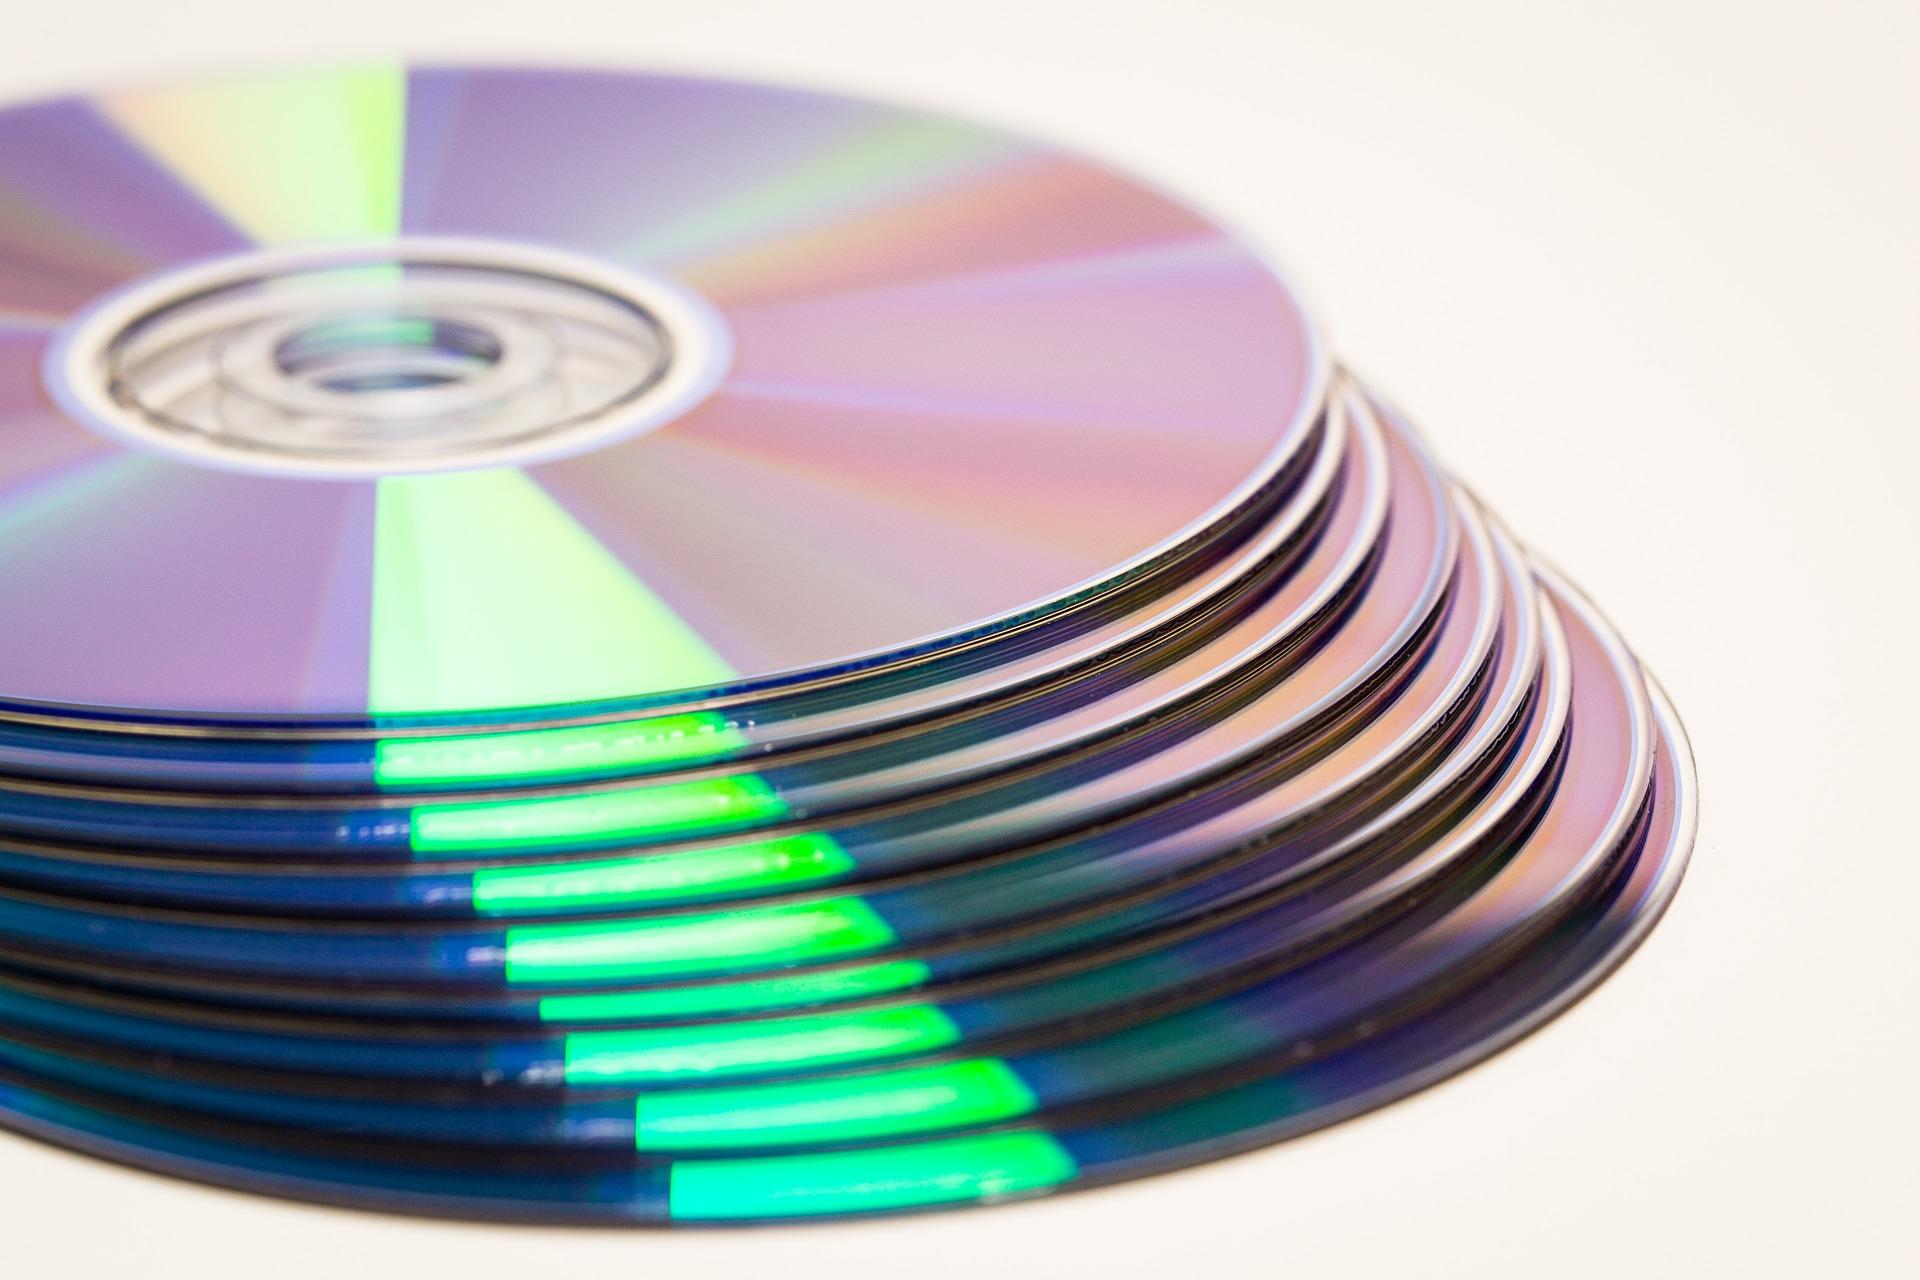 リハビリ(理学療法・作業療法)の部位別DVDまとめ